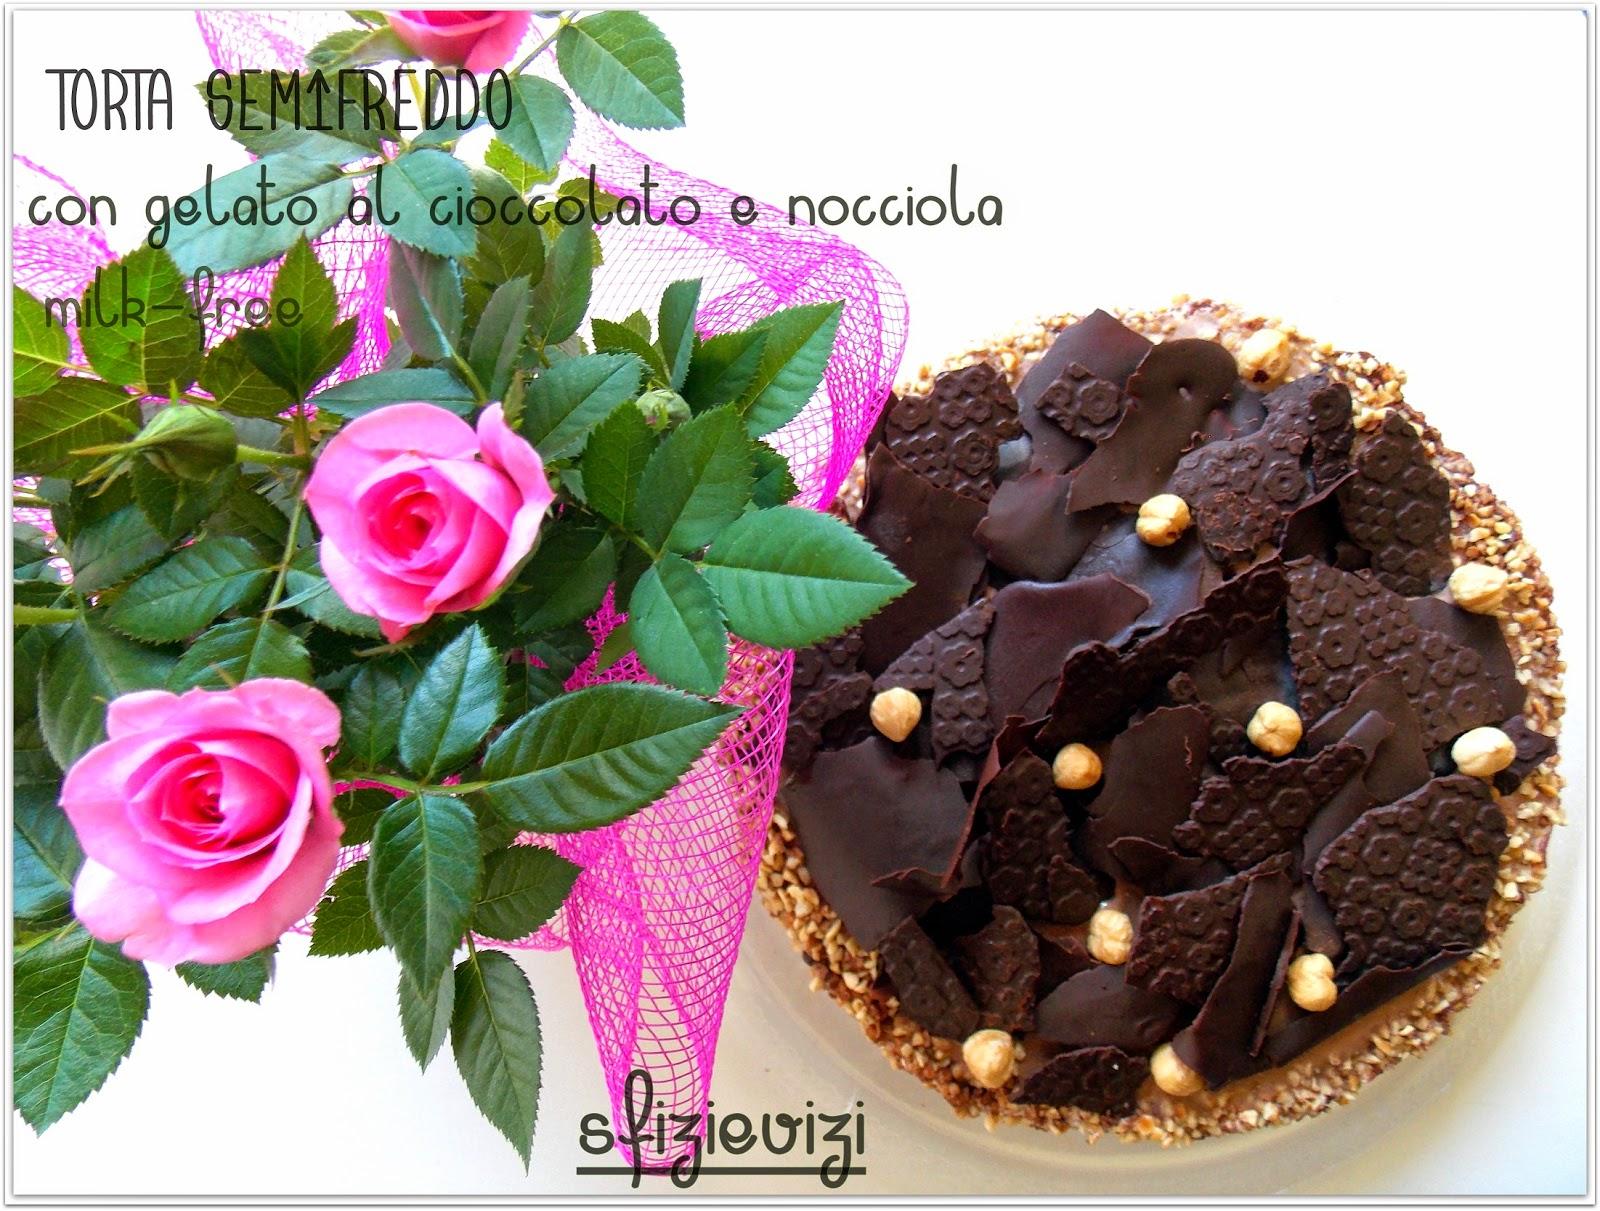 tanti auguri a me - torta semifreddo con gelato al cioccolato e nocciola senza latticini con copertura al cioccolato